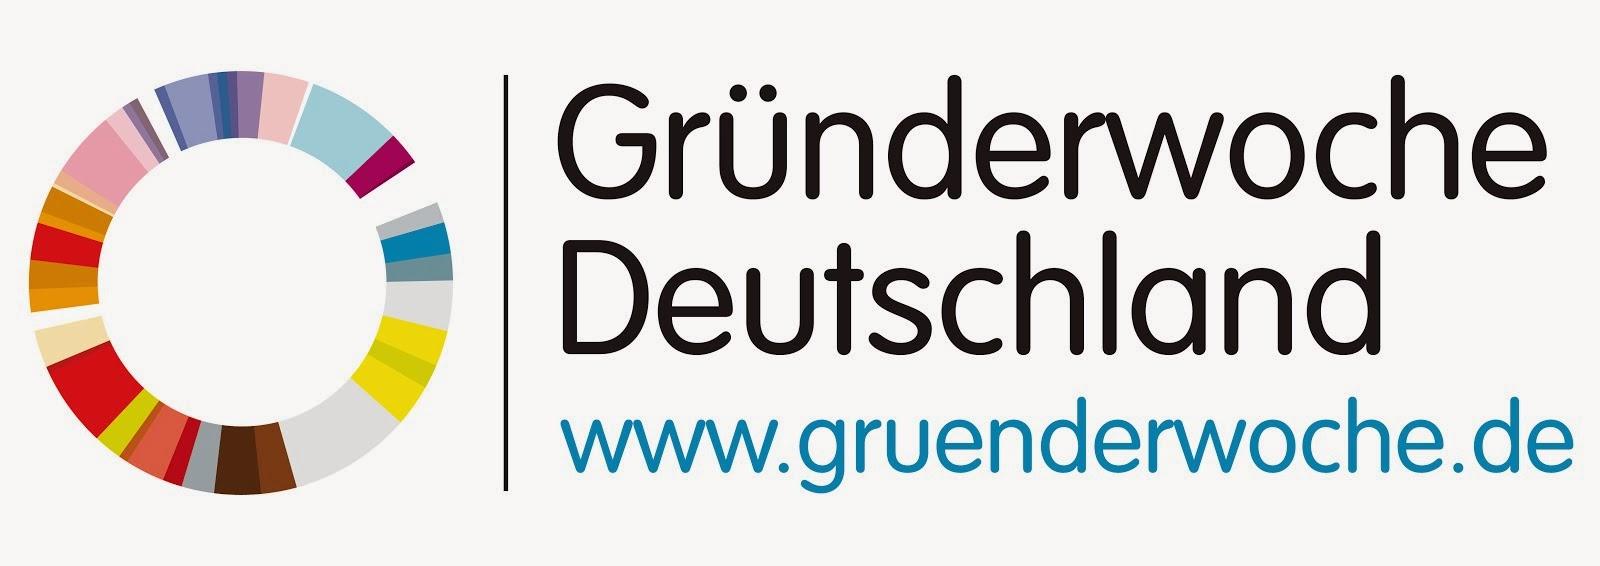 Partner der Gründerwoche Deutschland